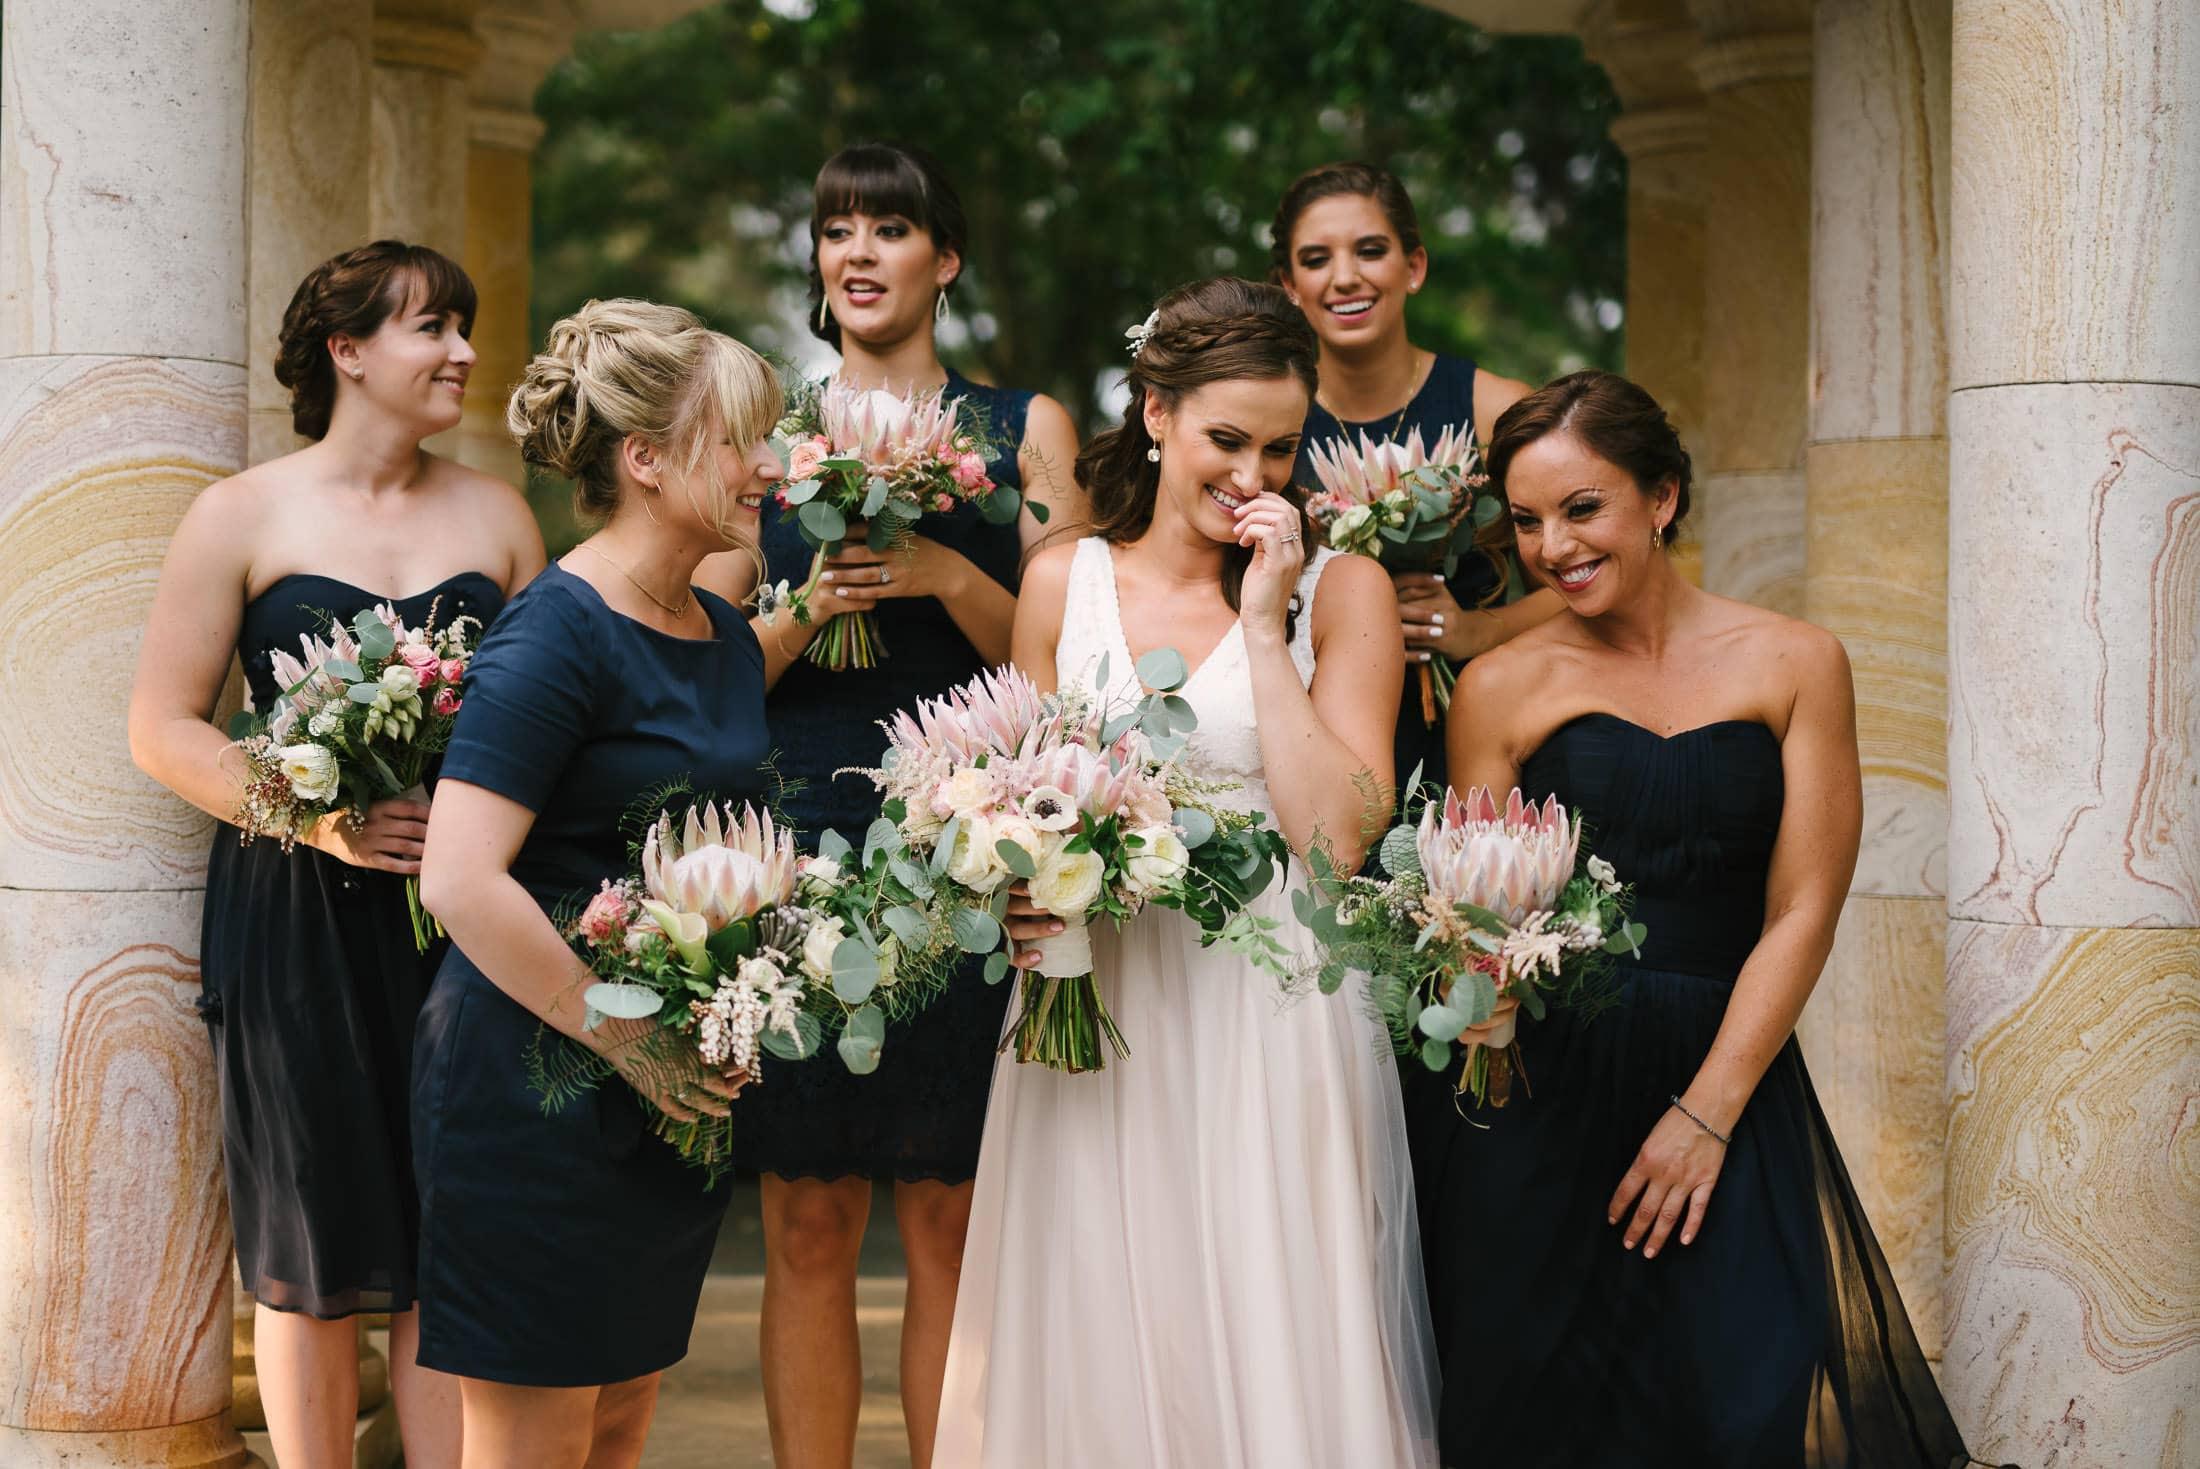 BROWNSTONE GARDENS WEDDING